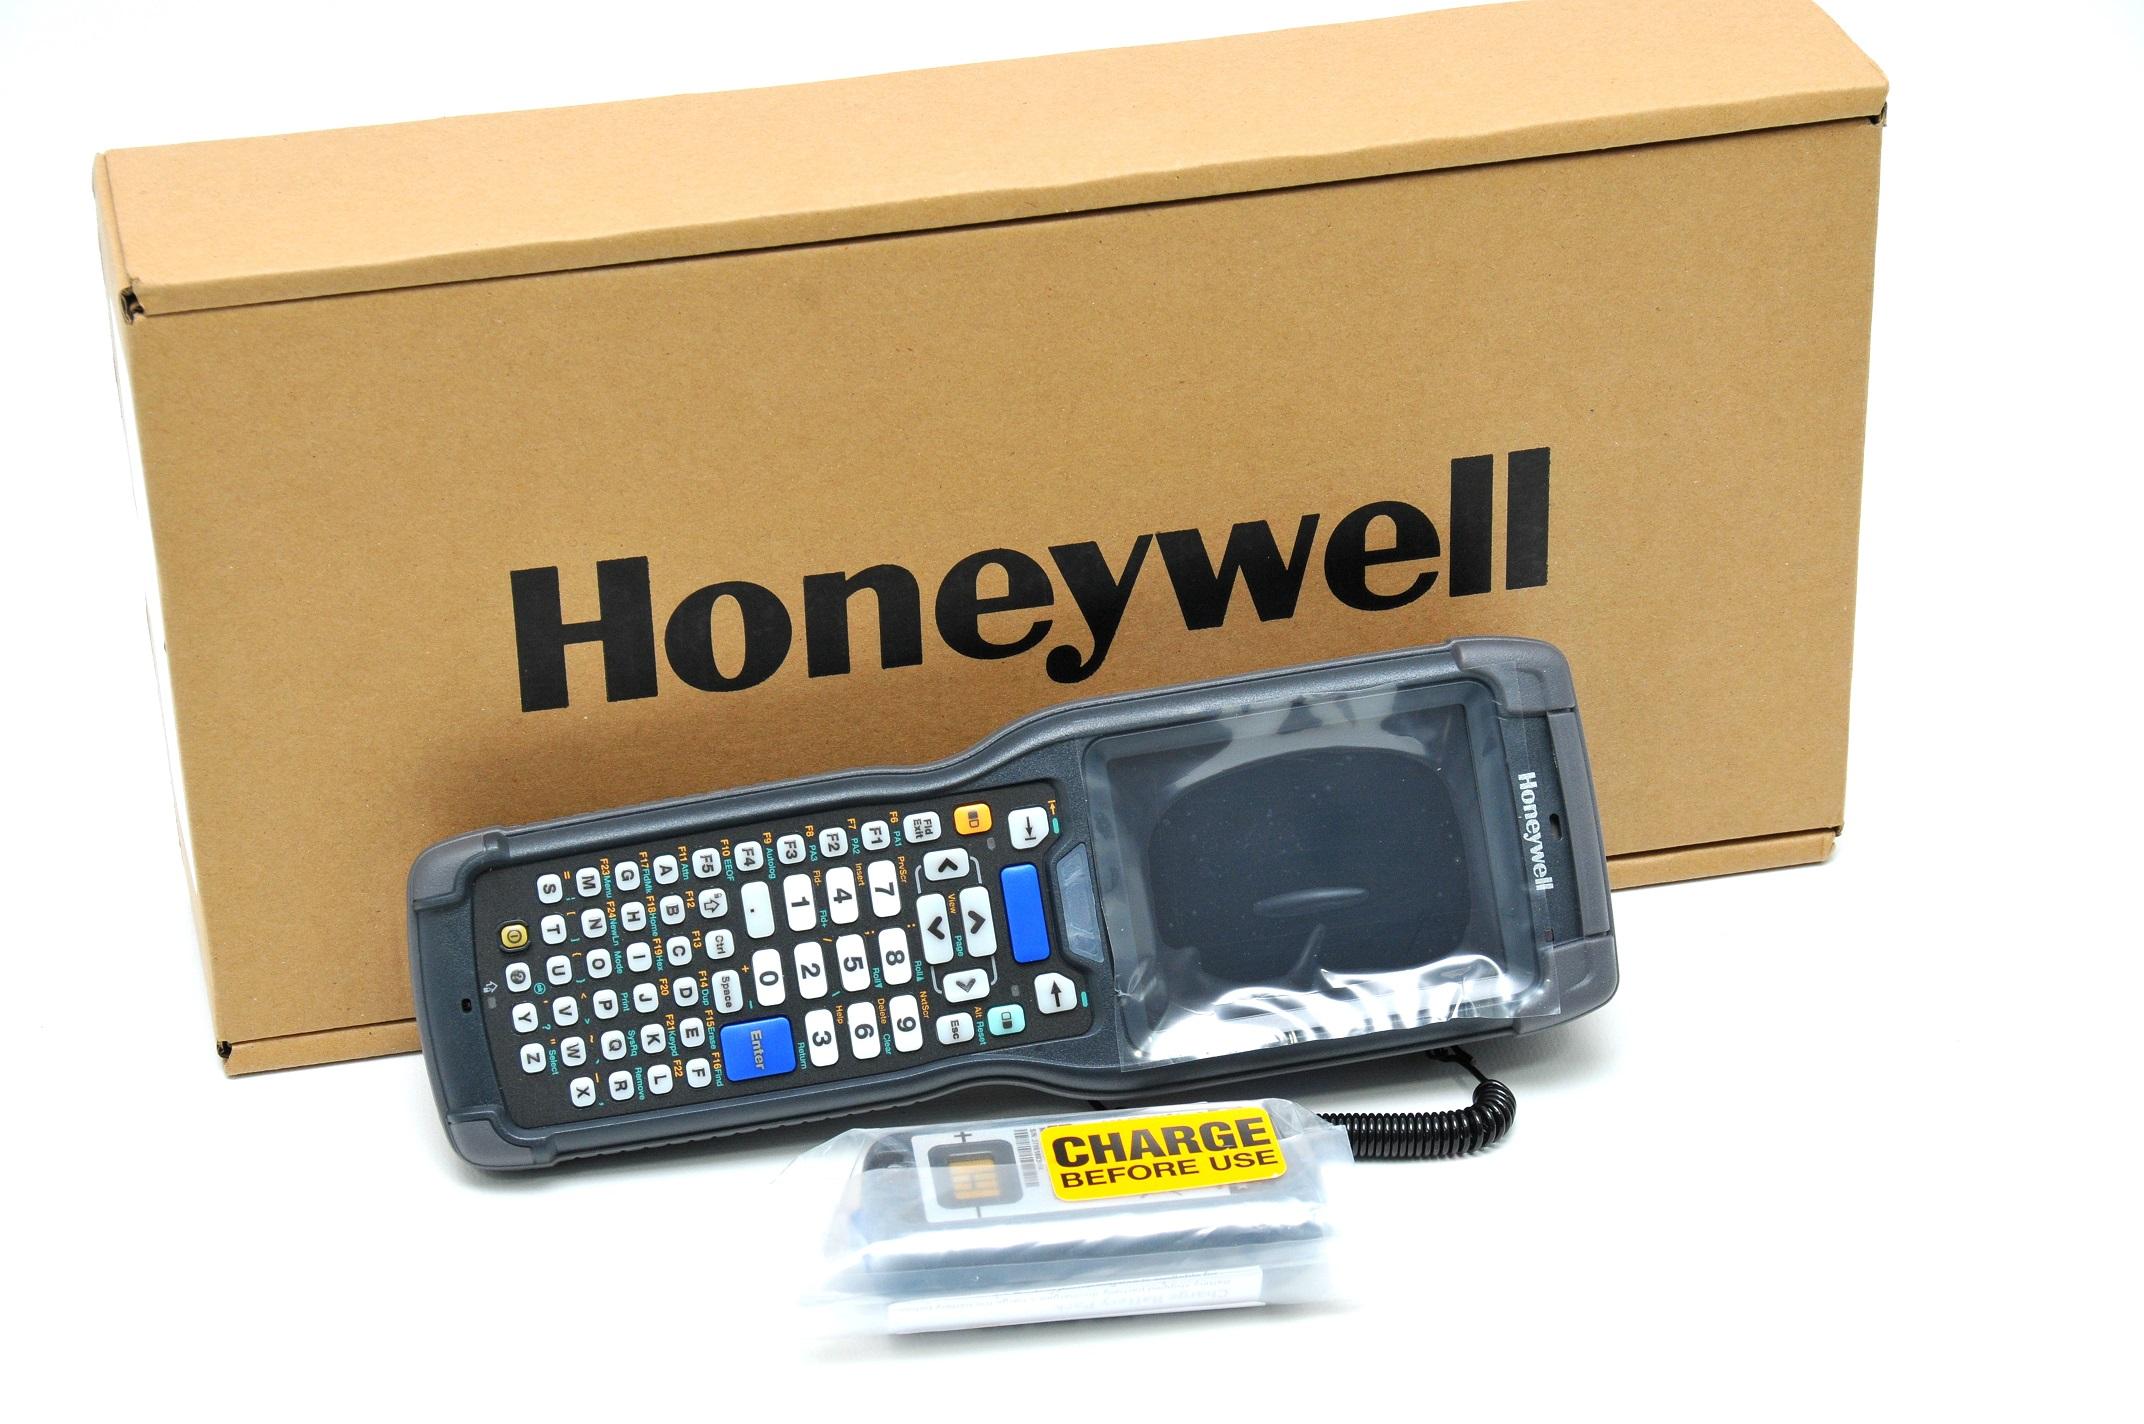 honeywell-scanner-barcode-scanner-repairs